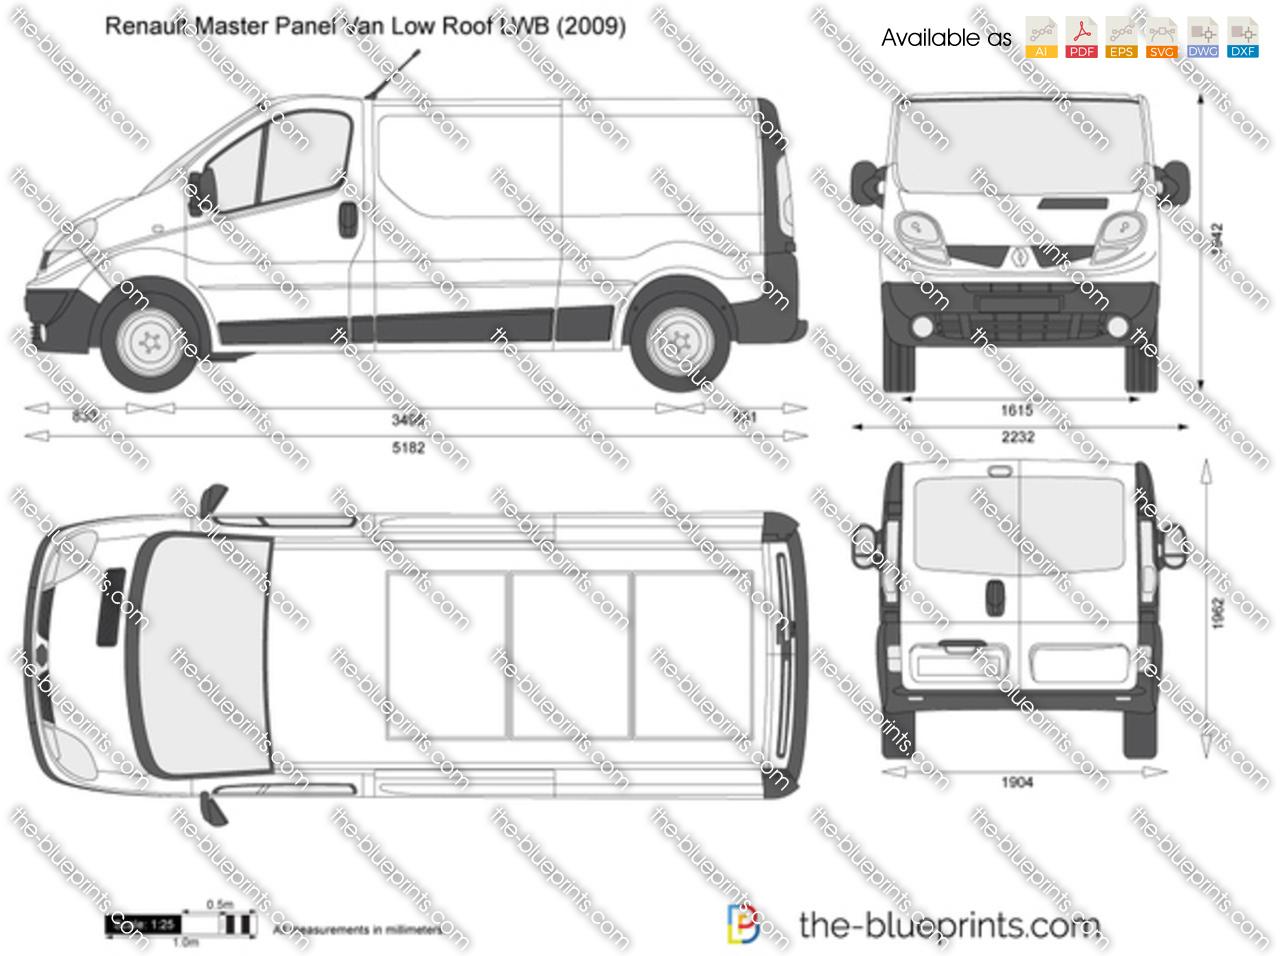 Renault Trafic Panel Van Low Roof LWB 2013